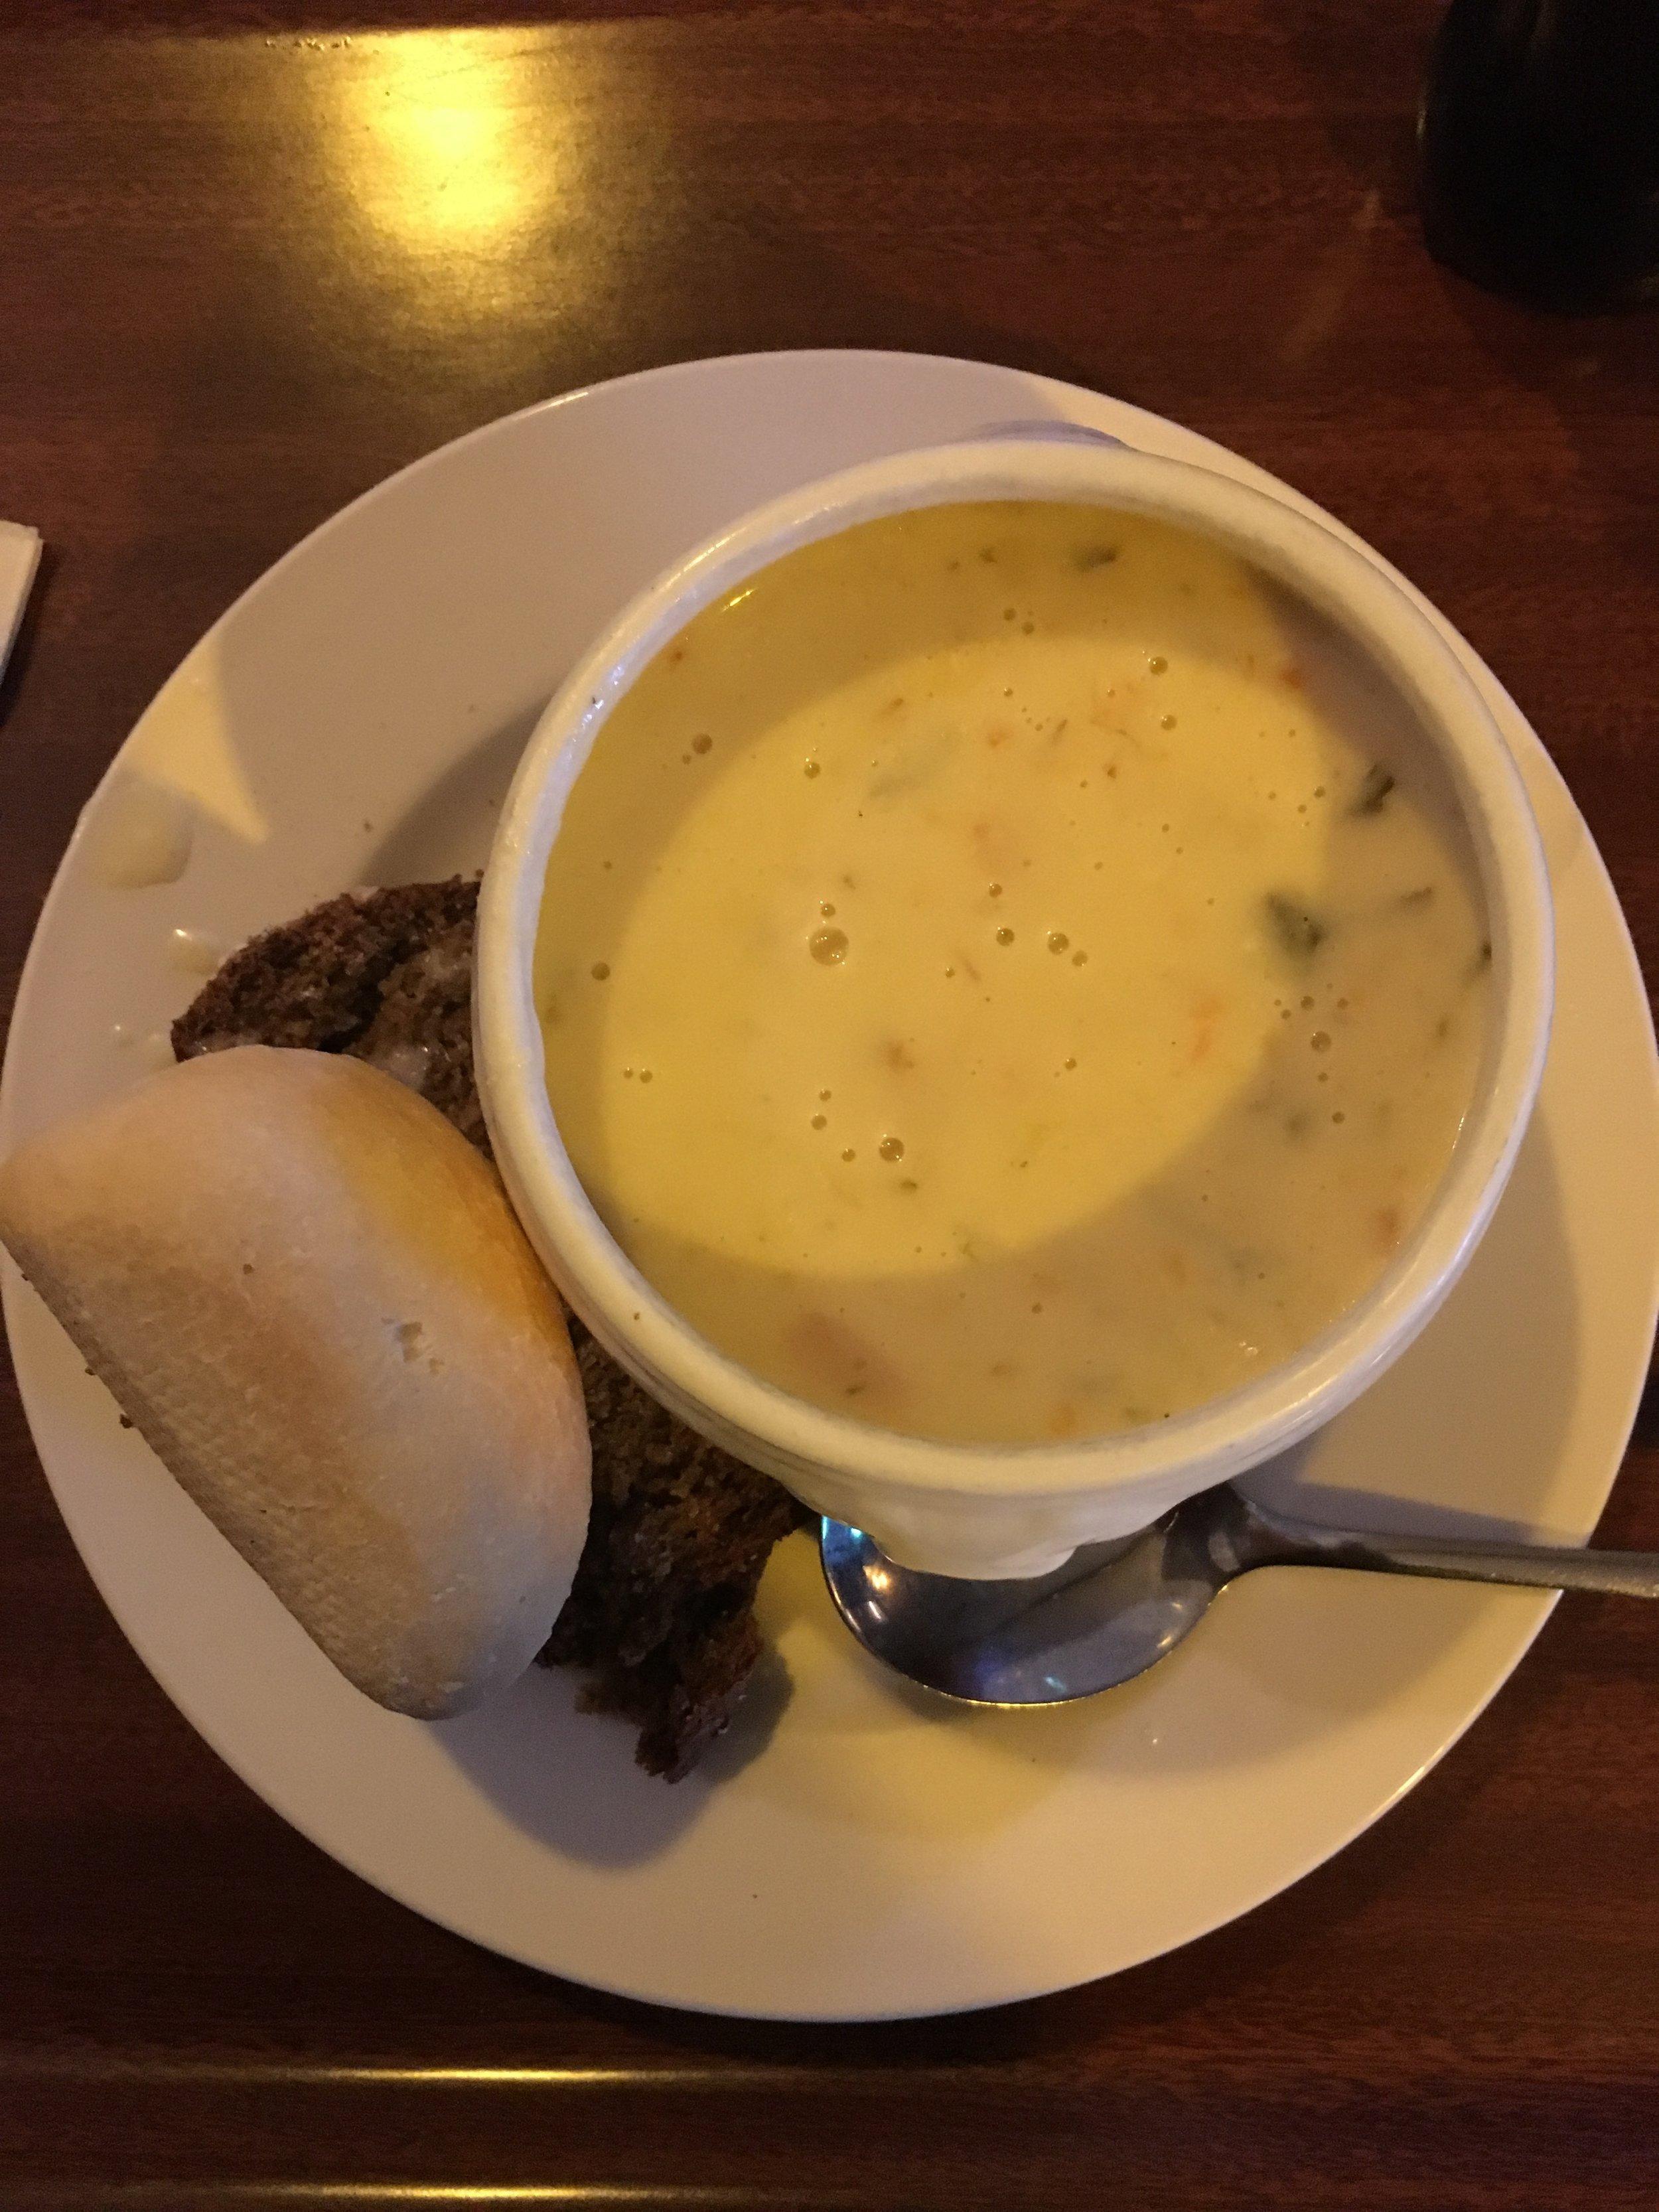 doolin; fitzpatrick's pub; ireland; seafood chowder